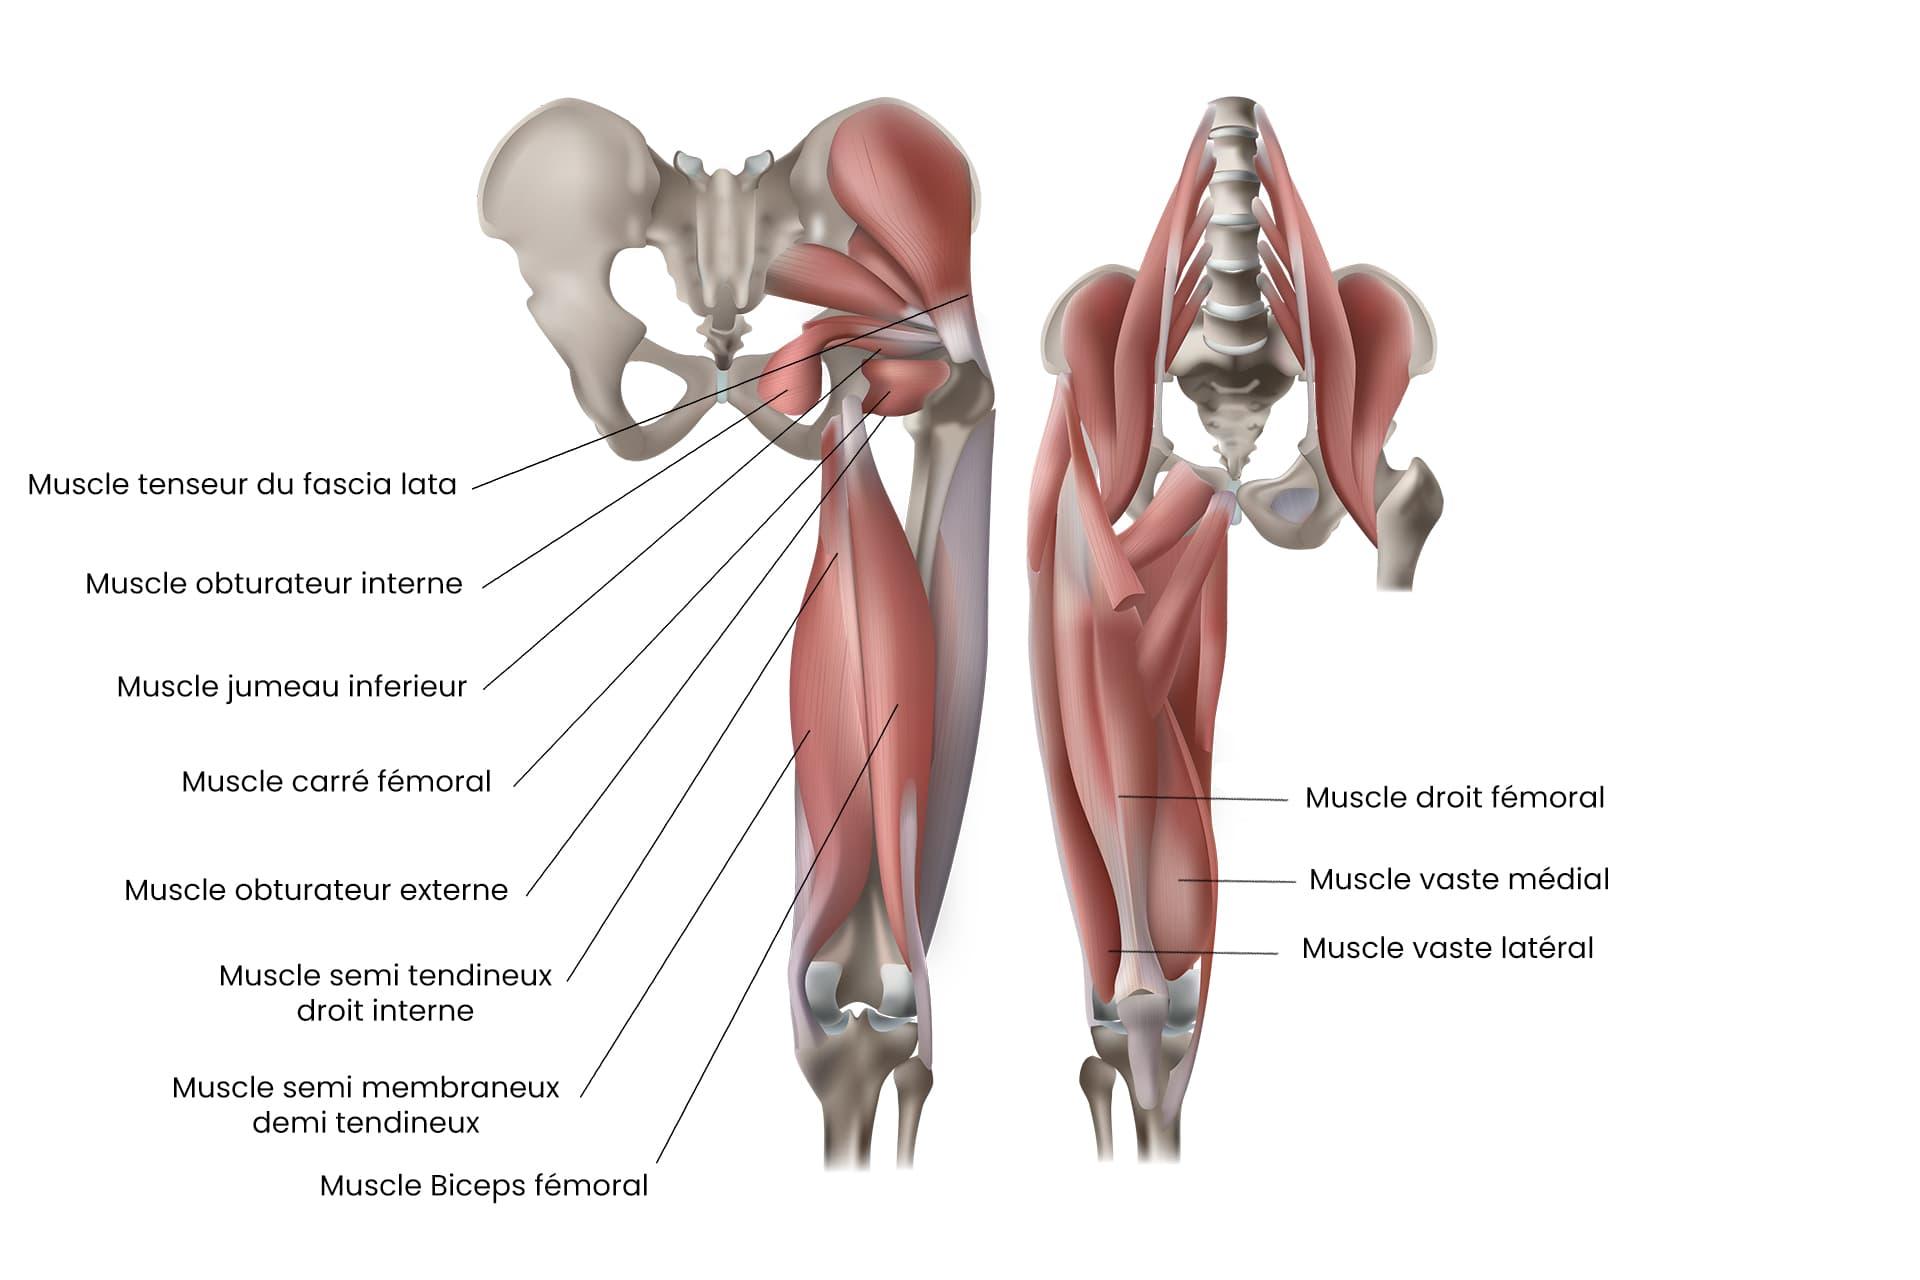 Schema anatomique des muscles du genou